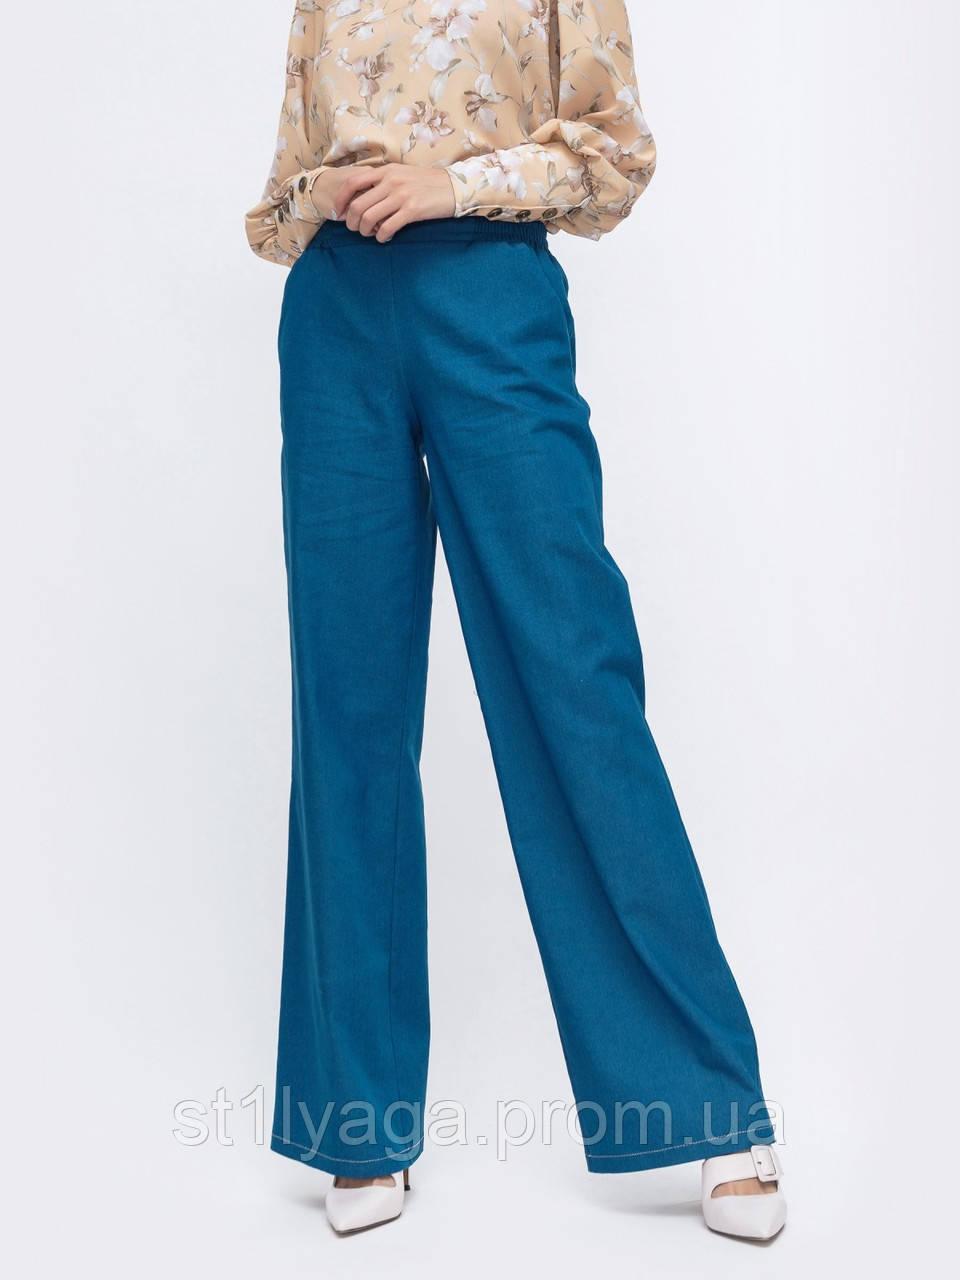 Стильные брюки-клеш в синем цвете